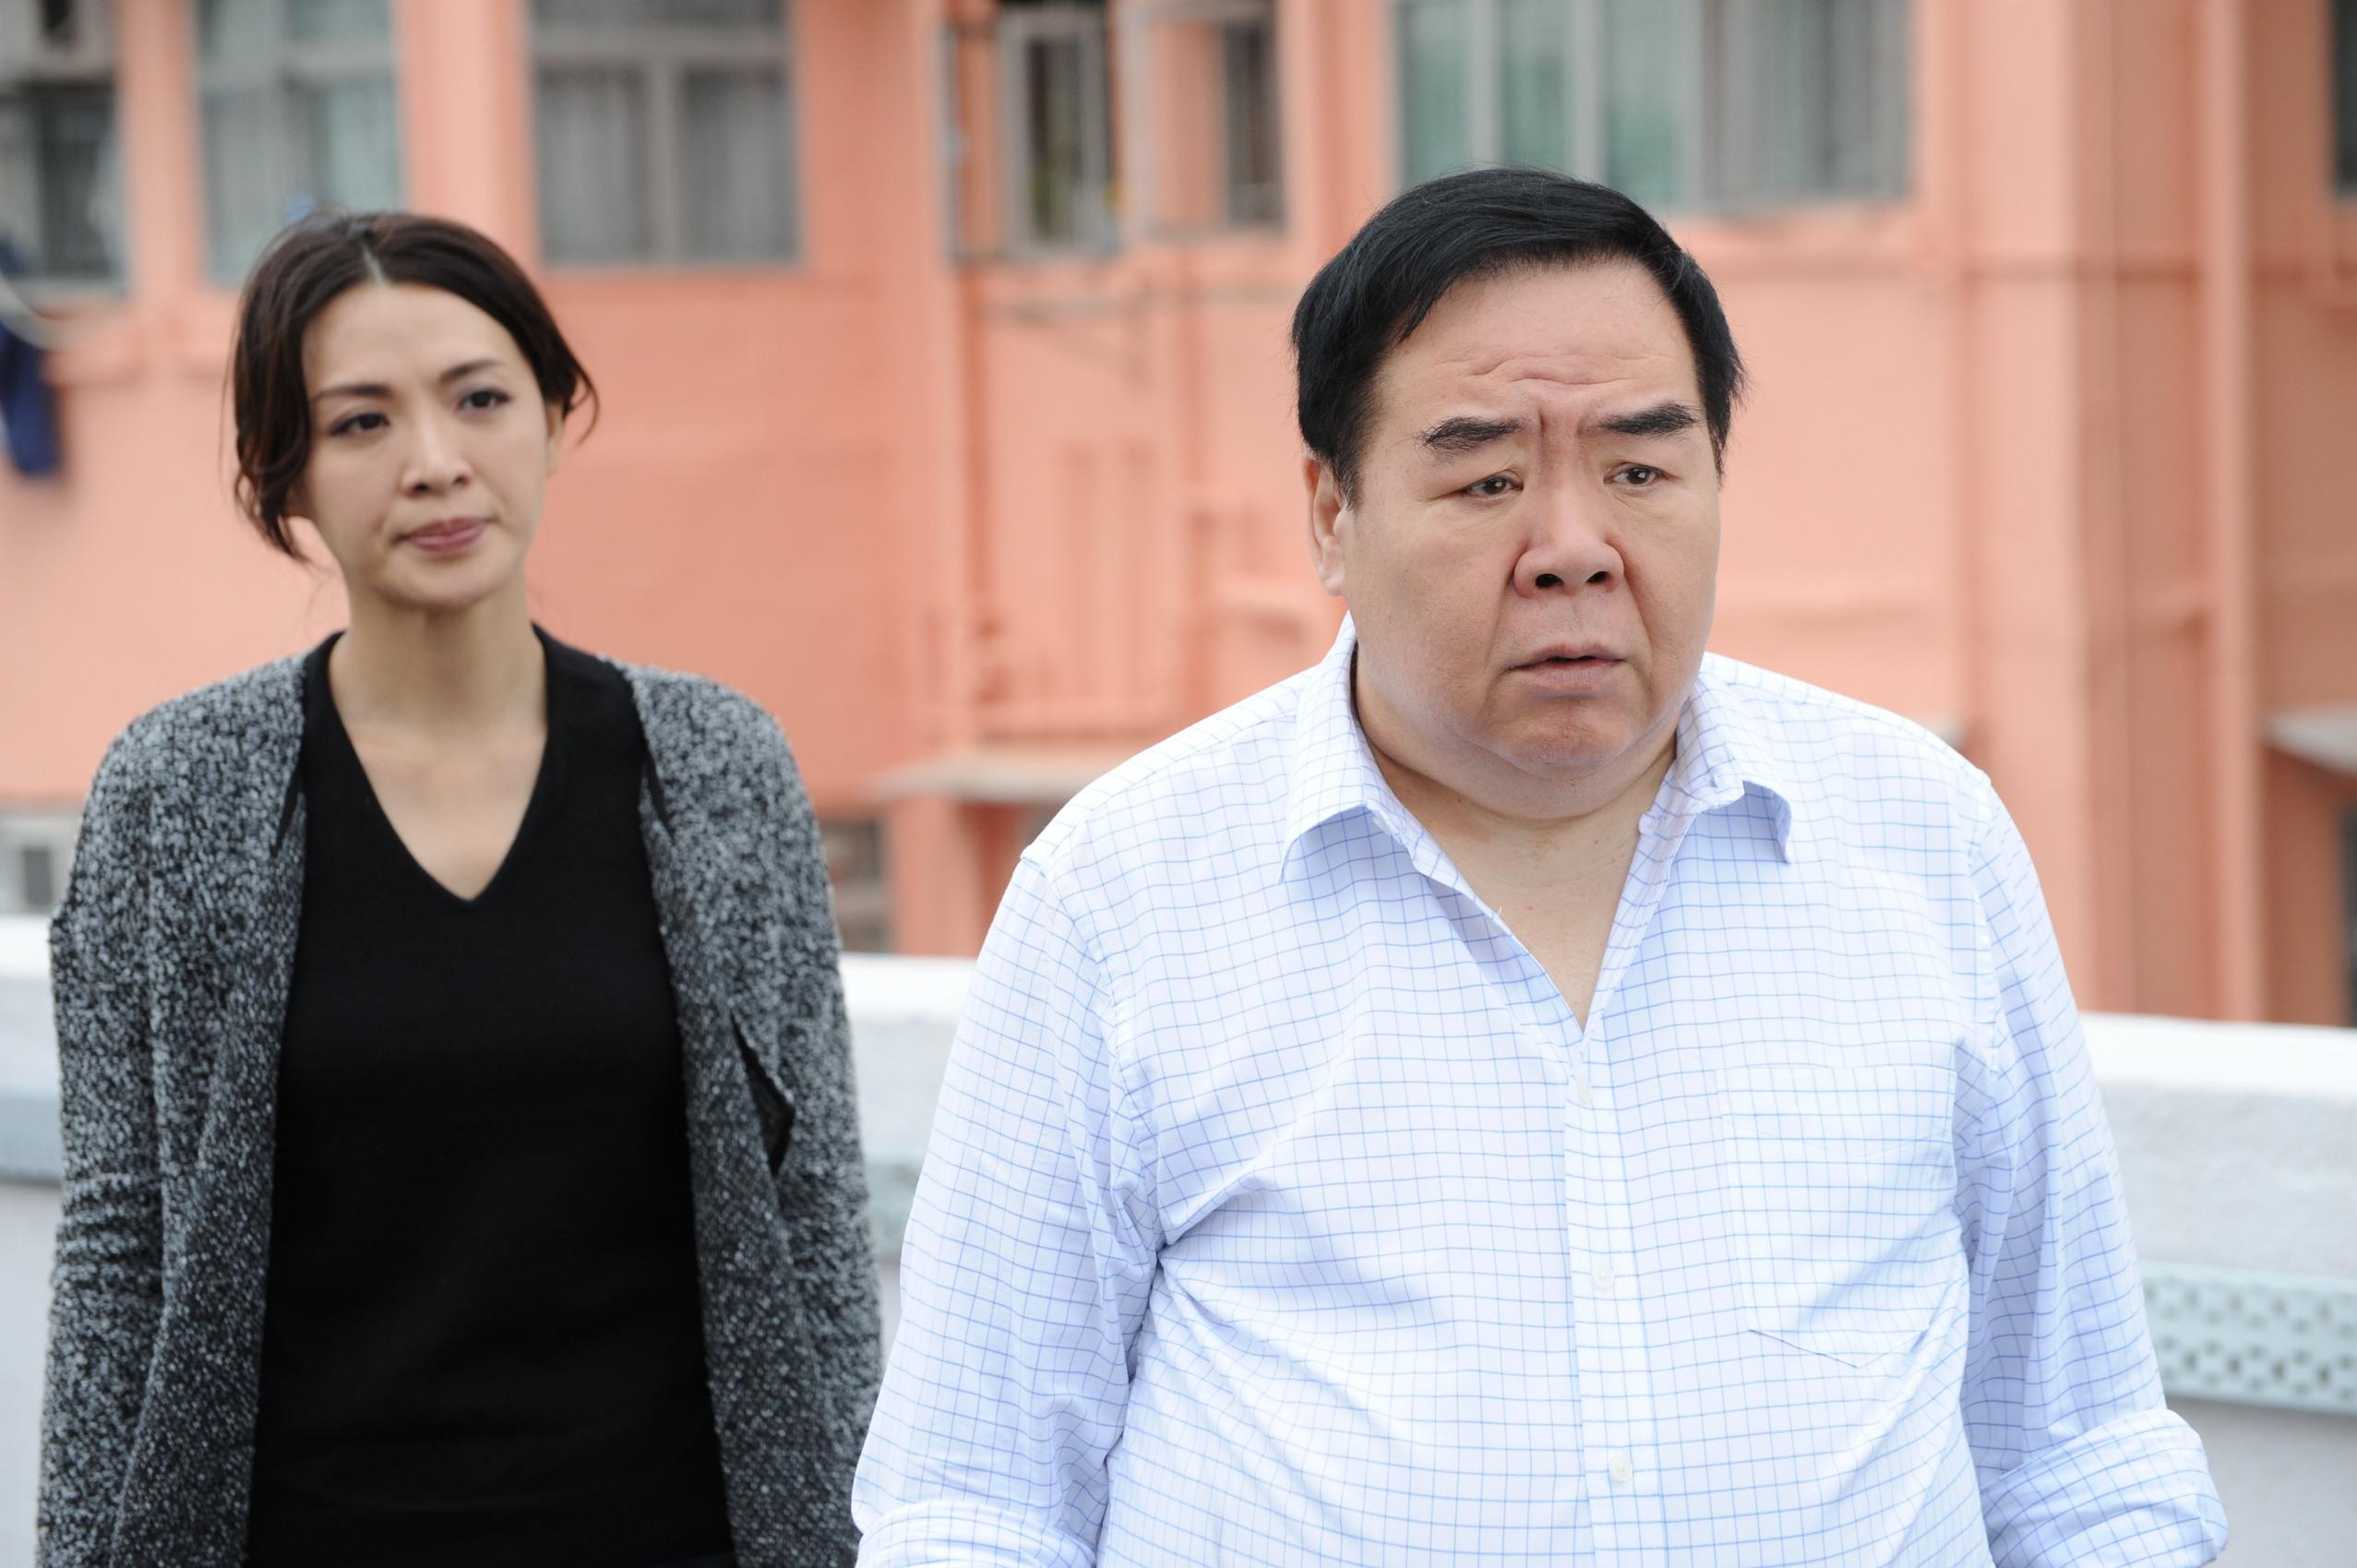 """Chàng béo """"hàng độc"""" TVB Trịnh Tắc Sĩ tái xuất trong """"Ông trùm giải nghệ"""" - Ảnh 1"""